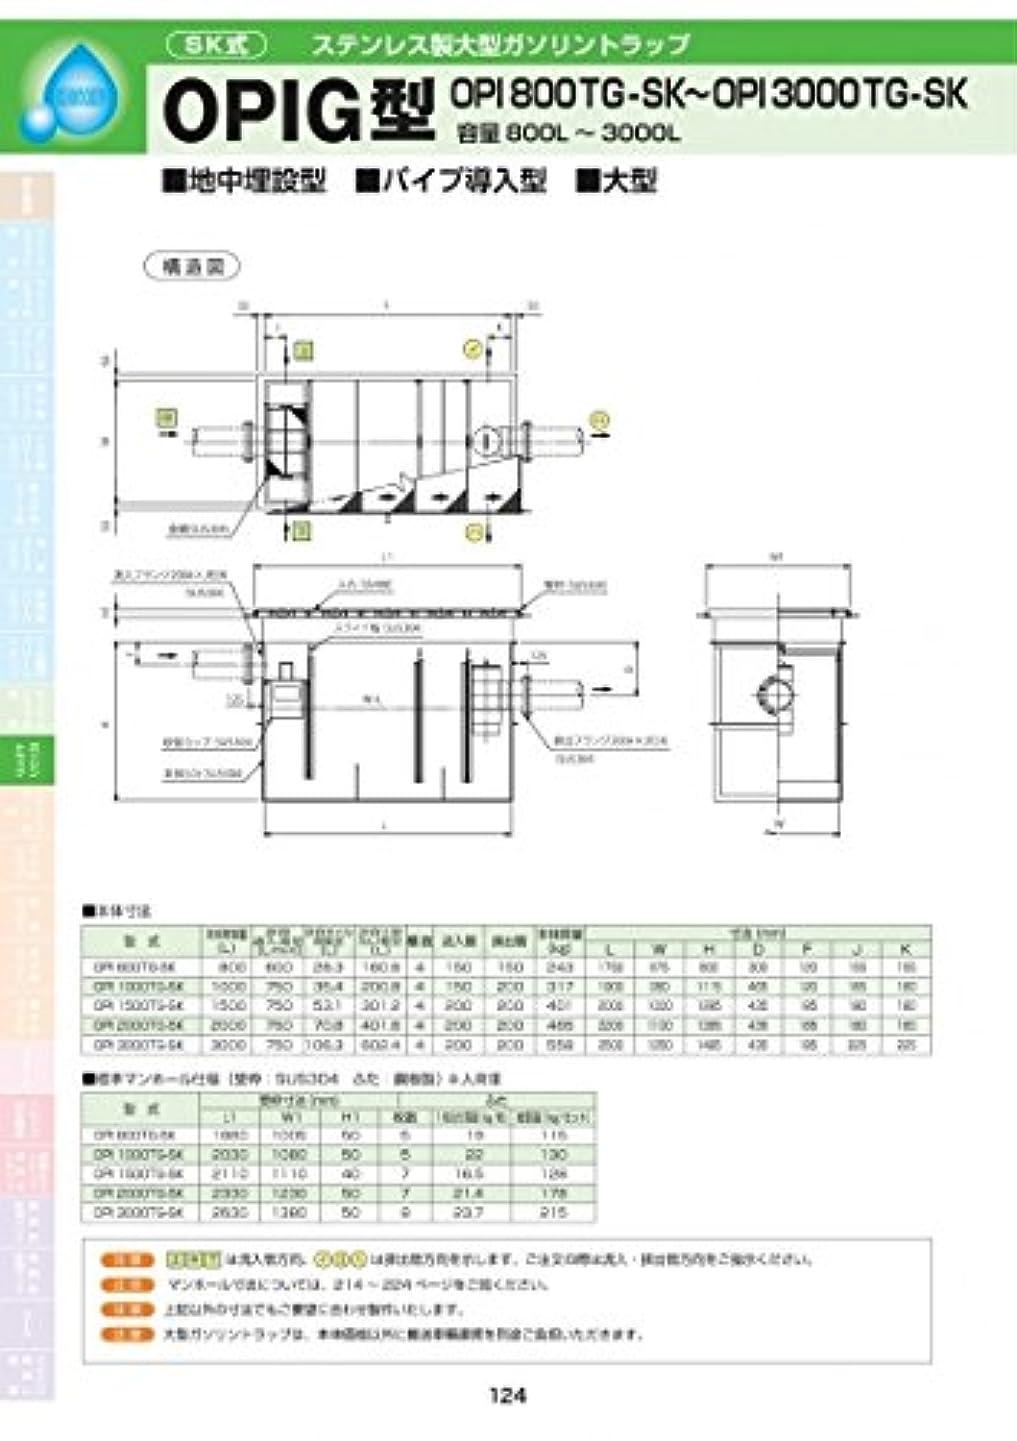 カナダキッチン予想するOPIG型 OPI-800TG-SK 耐荷重蓋仕様セット(マンホール枠:ステンレス / 蓋:SS400) T-20